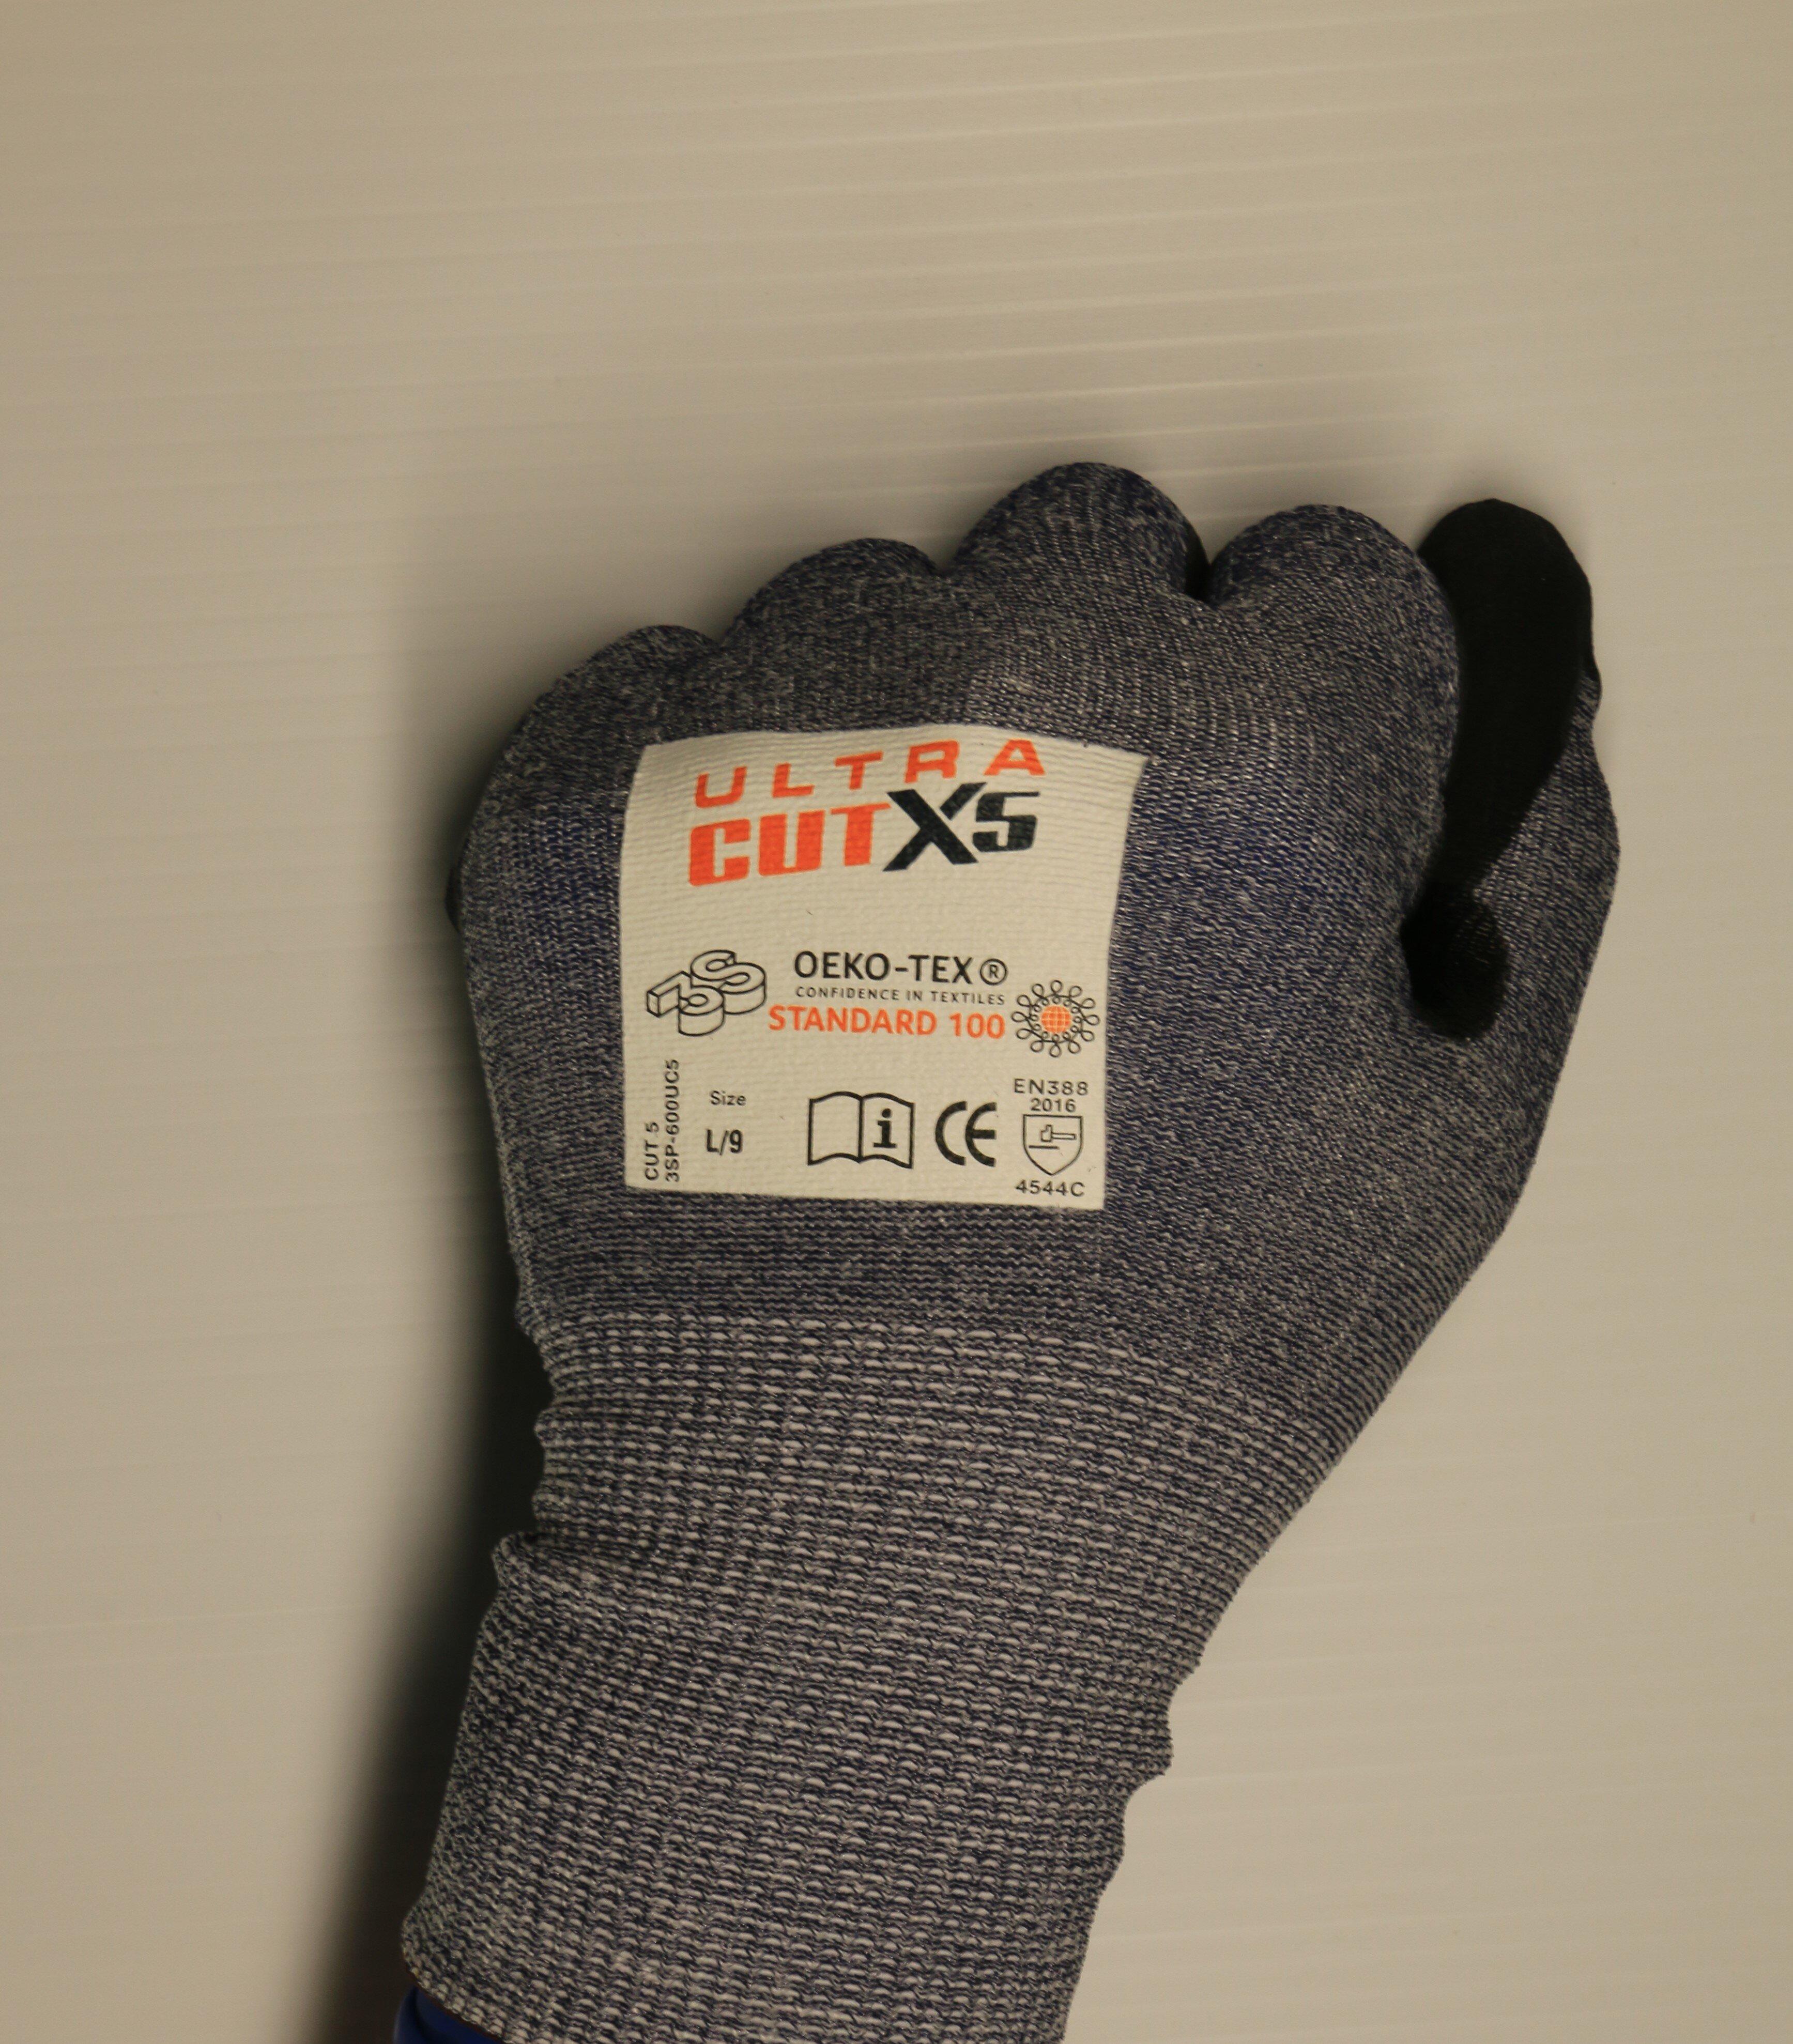 3SP600UC5 - Ultra Cut 5 Glove 15 gauge